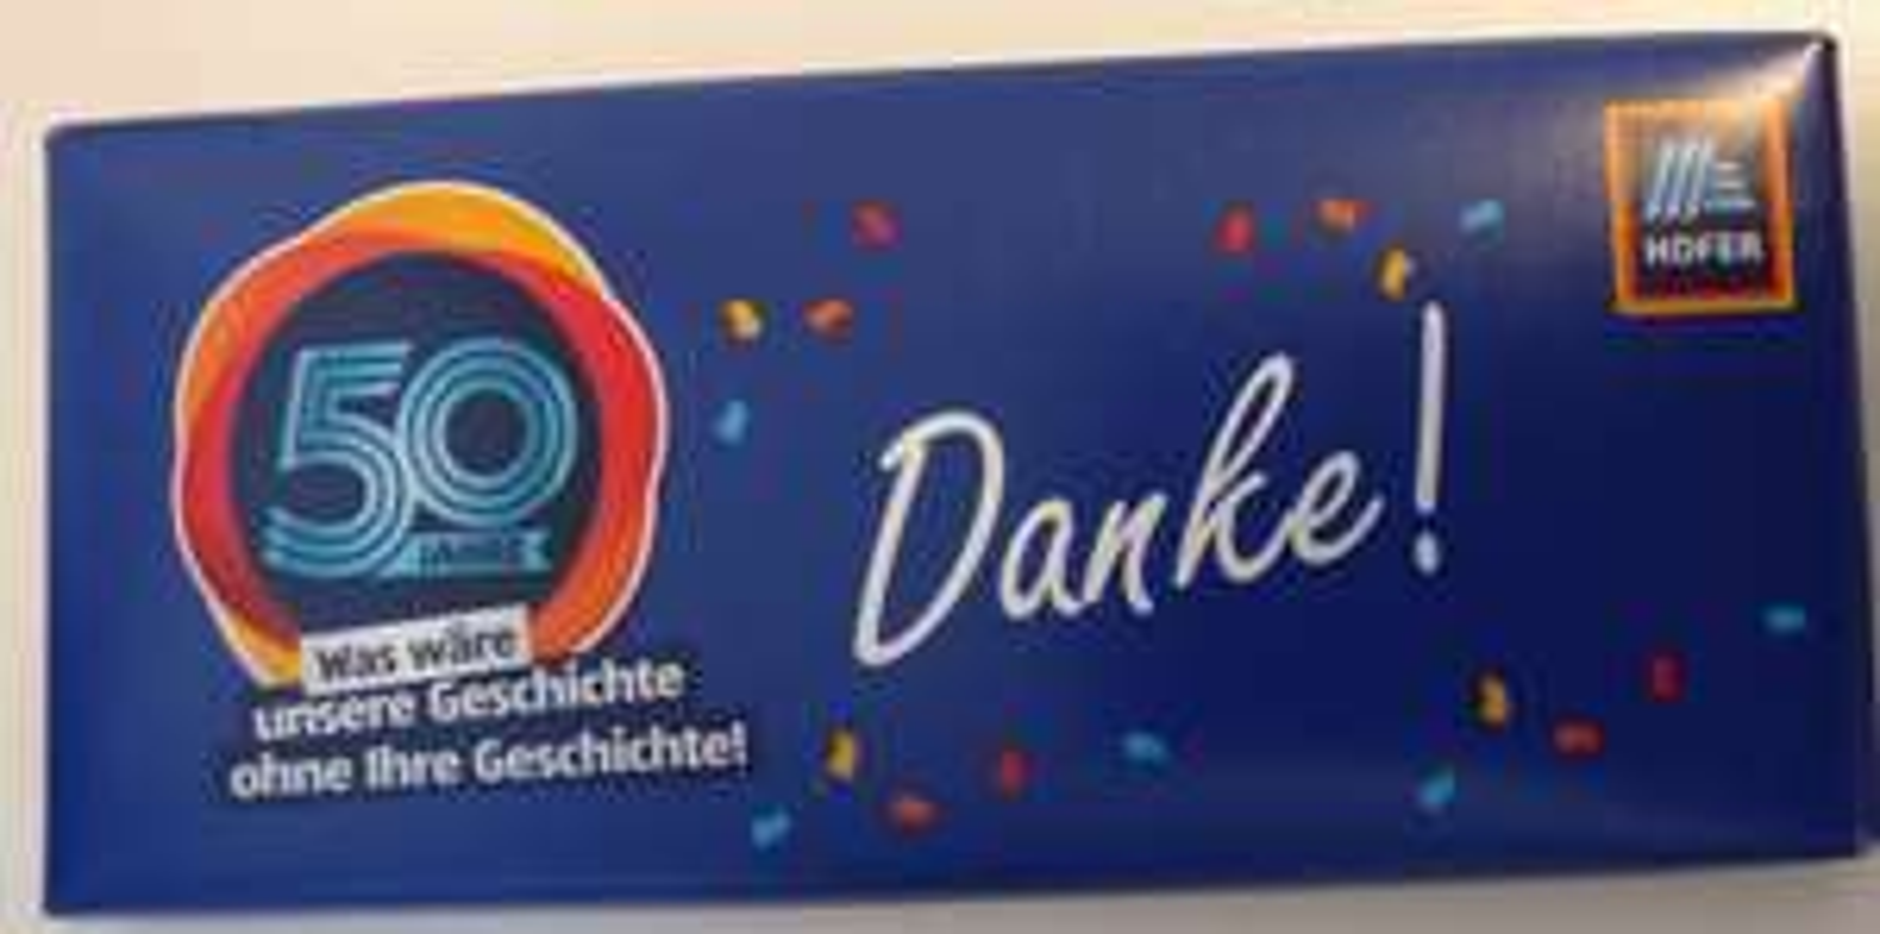 Gratis Schokolade bei Hofer-Einkauf (evtl. nur lokal)